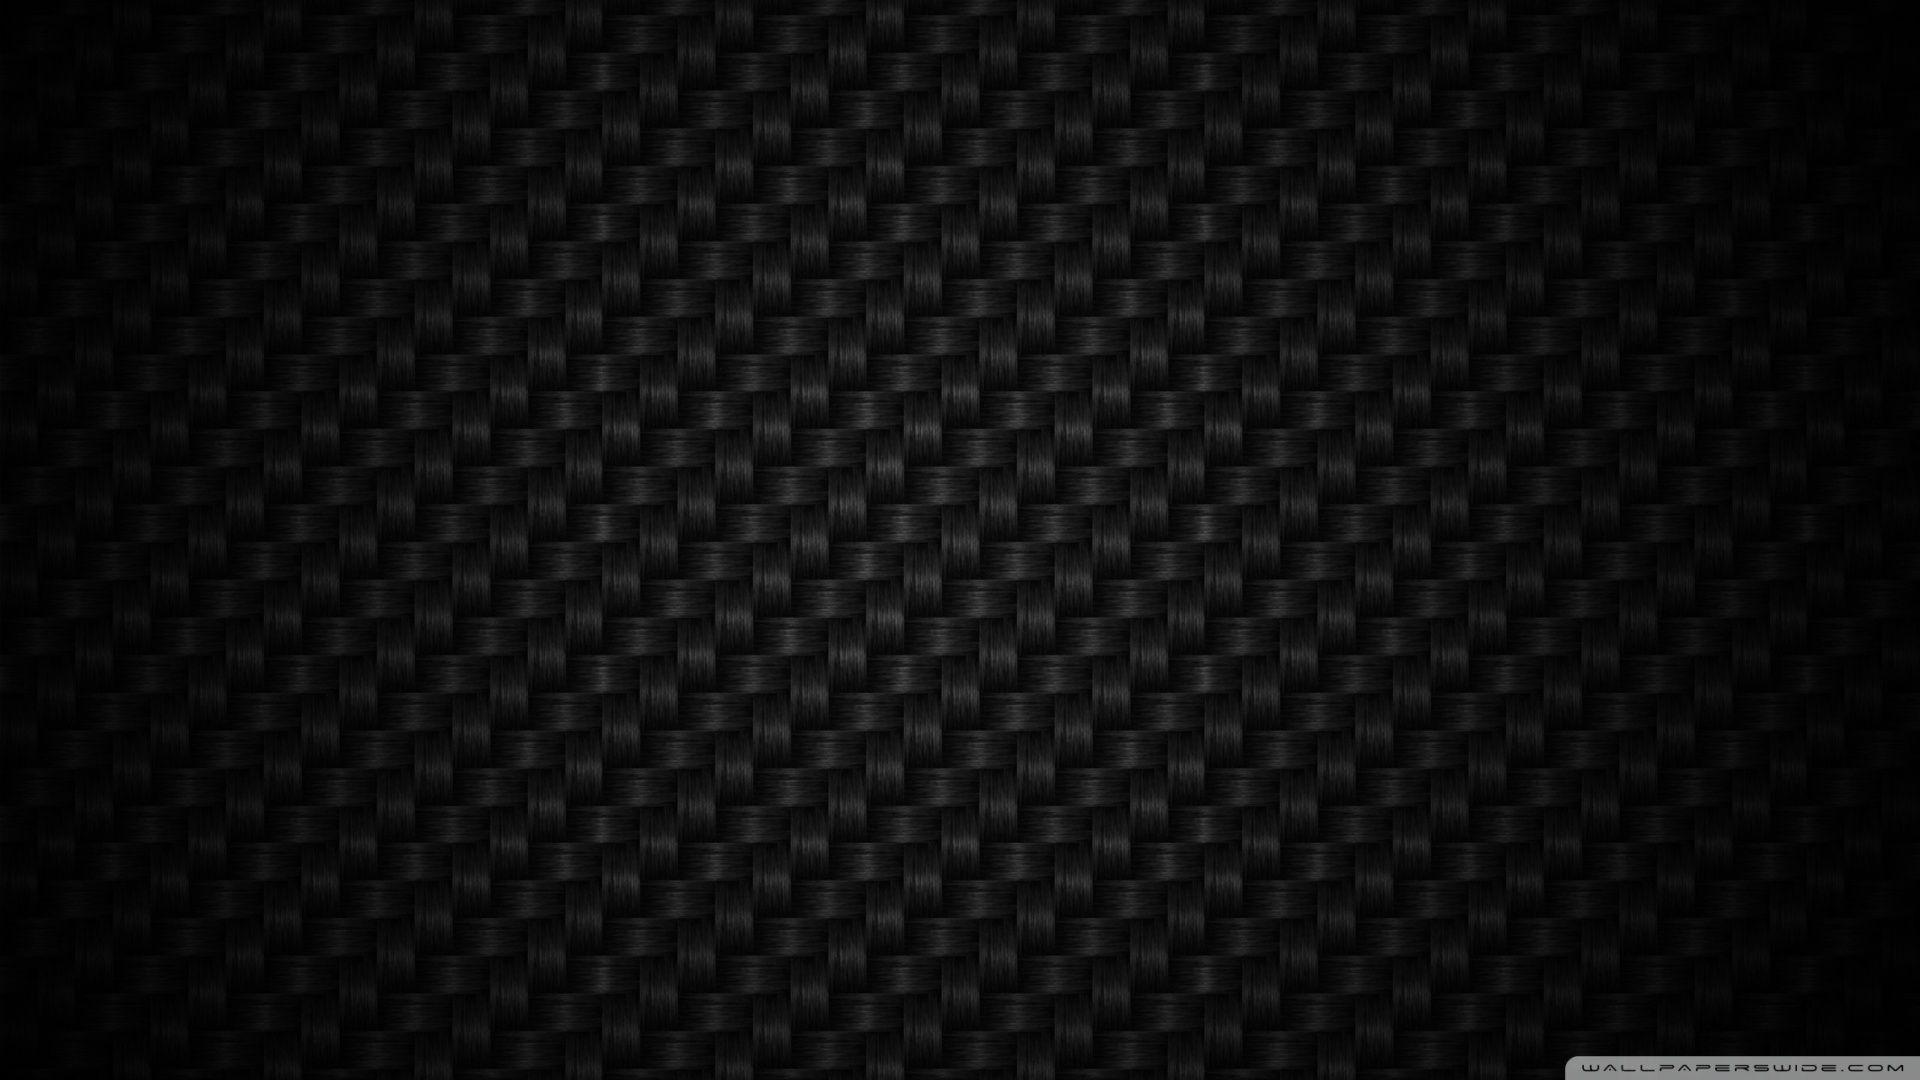 1920x1080 Mô hình màu đen ❤ Hình nền máy tính để bàn HD 4K cho • Máy tính để bàn màn hình kép